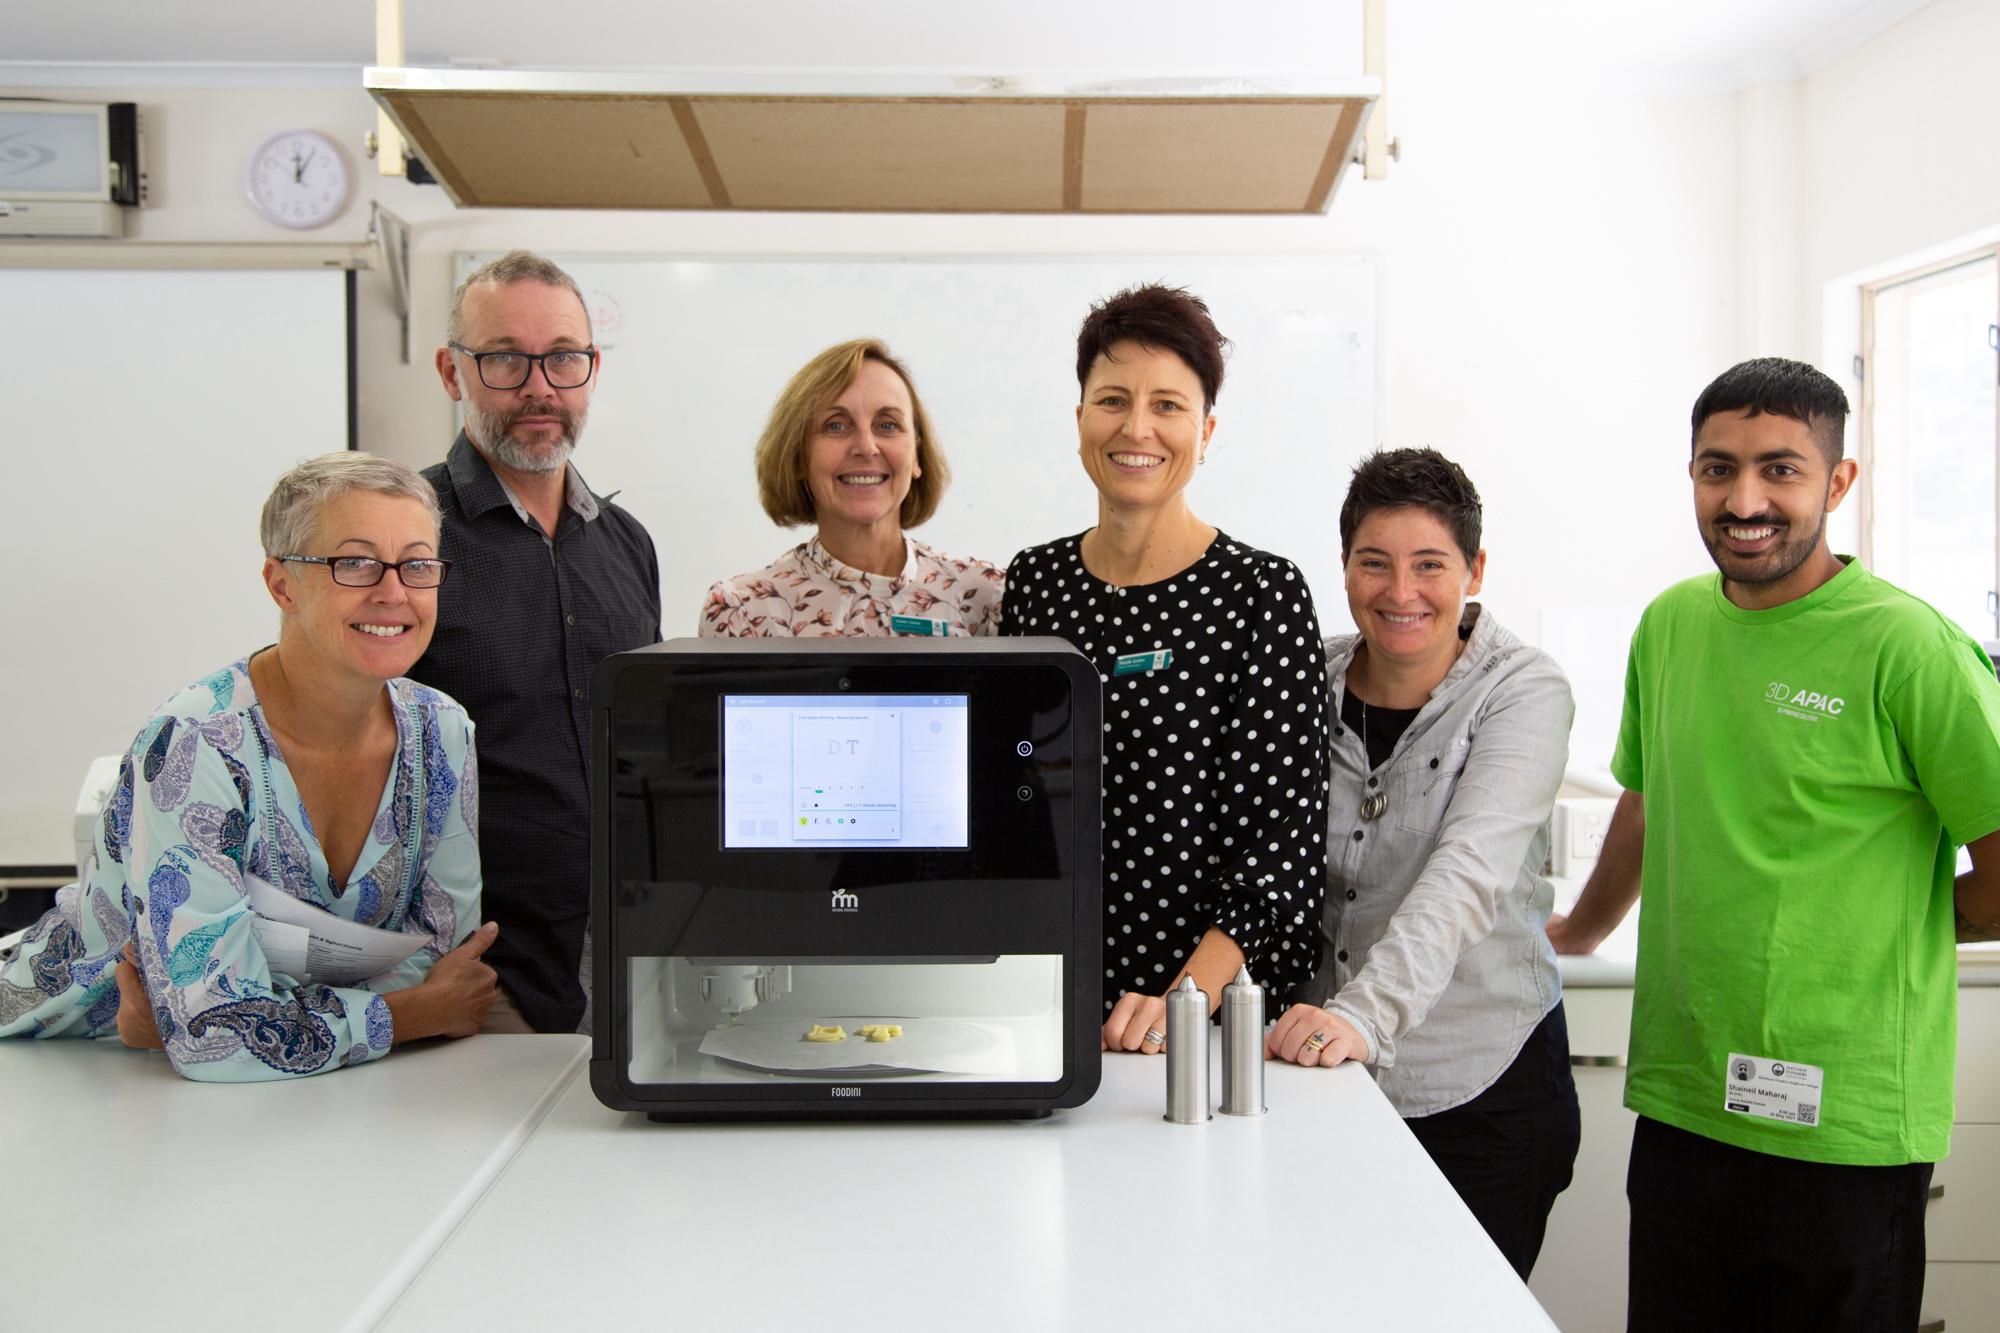 Flinders new 3D Food Printer